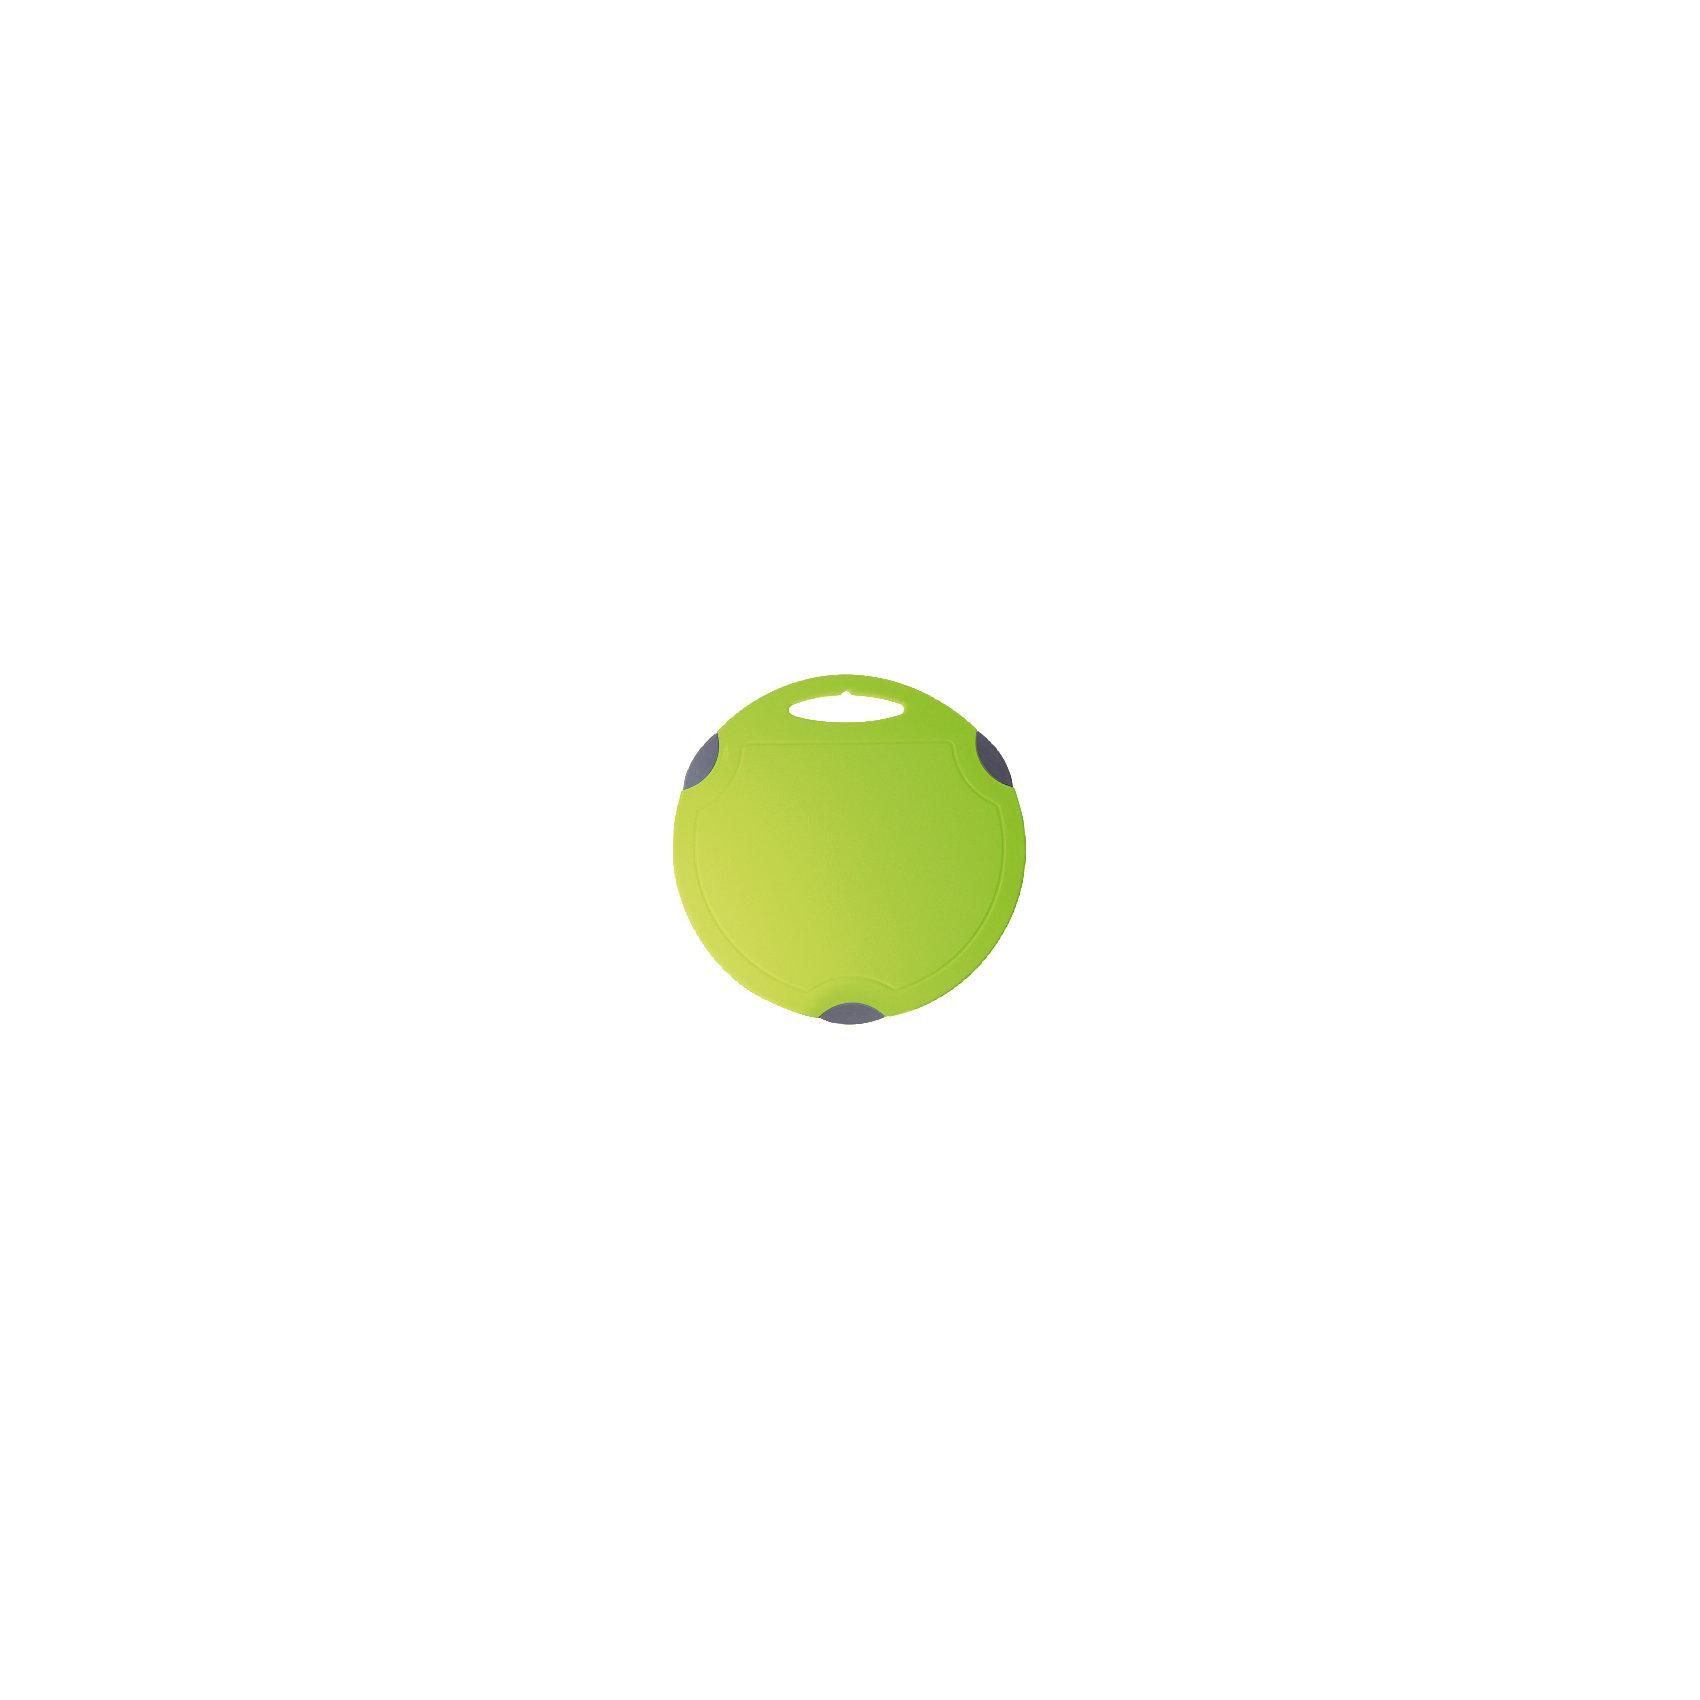 Доска разделочная Люкс круглая малая, Plastic CentreПосуда<br>Доска разделочная Люкс круглая малая, Plastic Centre<br><br>Характеристики:<br><br>• Цвет: зеленый<br>• Материал: пластик<br>• В комплекте: 1 штука<br>• Размер: 27х27 см<br><br>Хорошие разделочные доски позволят вам легко навести порядок на вашей кухне и не отвлекаться на мелочи. Эта доска оснащена специальным желобком, который поможет слить стекающую воду, не потревожив продукты. Изготовлены они из высококачественного пищевого пластика, который безопасен  для здоровья. Доска устойчива к запахам и порезам от ножа. Стильный дизайн не оставит равнодушным никого.<br><br>Доска разделочная Люкс круглая малая, Plastic Centre можно купить в нашем интернет-магазине.<br><br>Ширина мм: 275<br>Глубина мм: 275<br>Высота мм: 7<br>Вес г: 353<br>Возраст от месяцев: 216<br>Возраст до месяцев: 1188<br>Пол: Унисекс<br>Возраст: Детский<br>SKU: 5545675